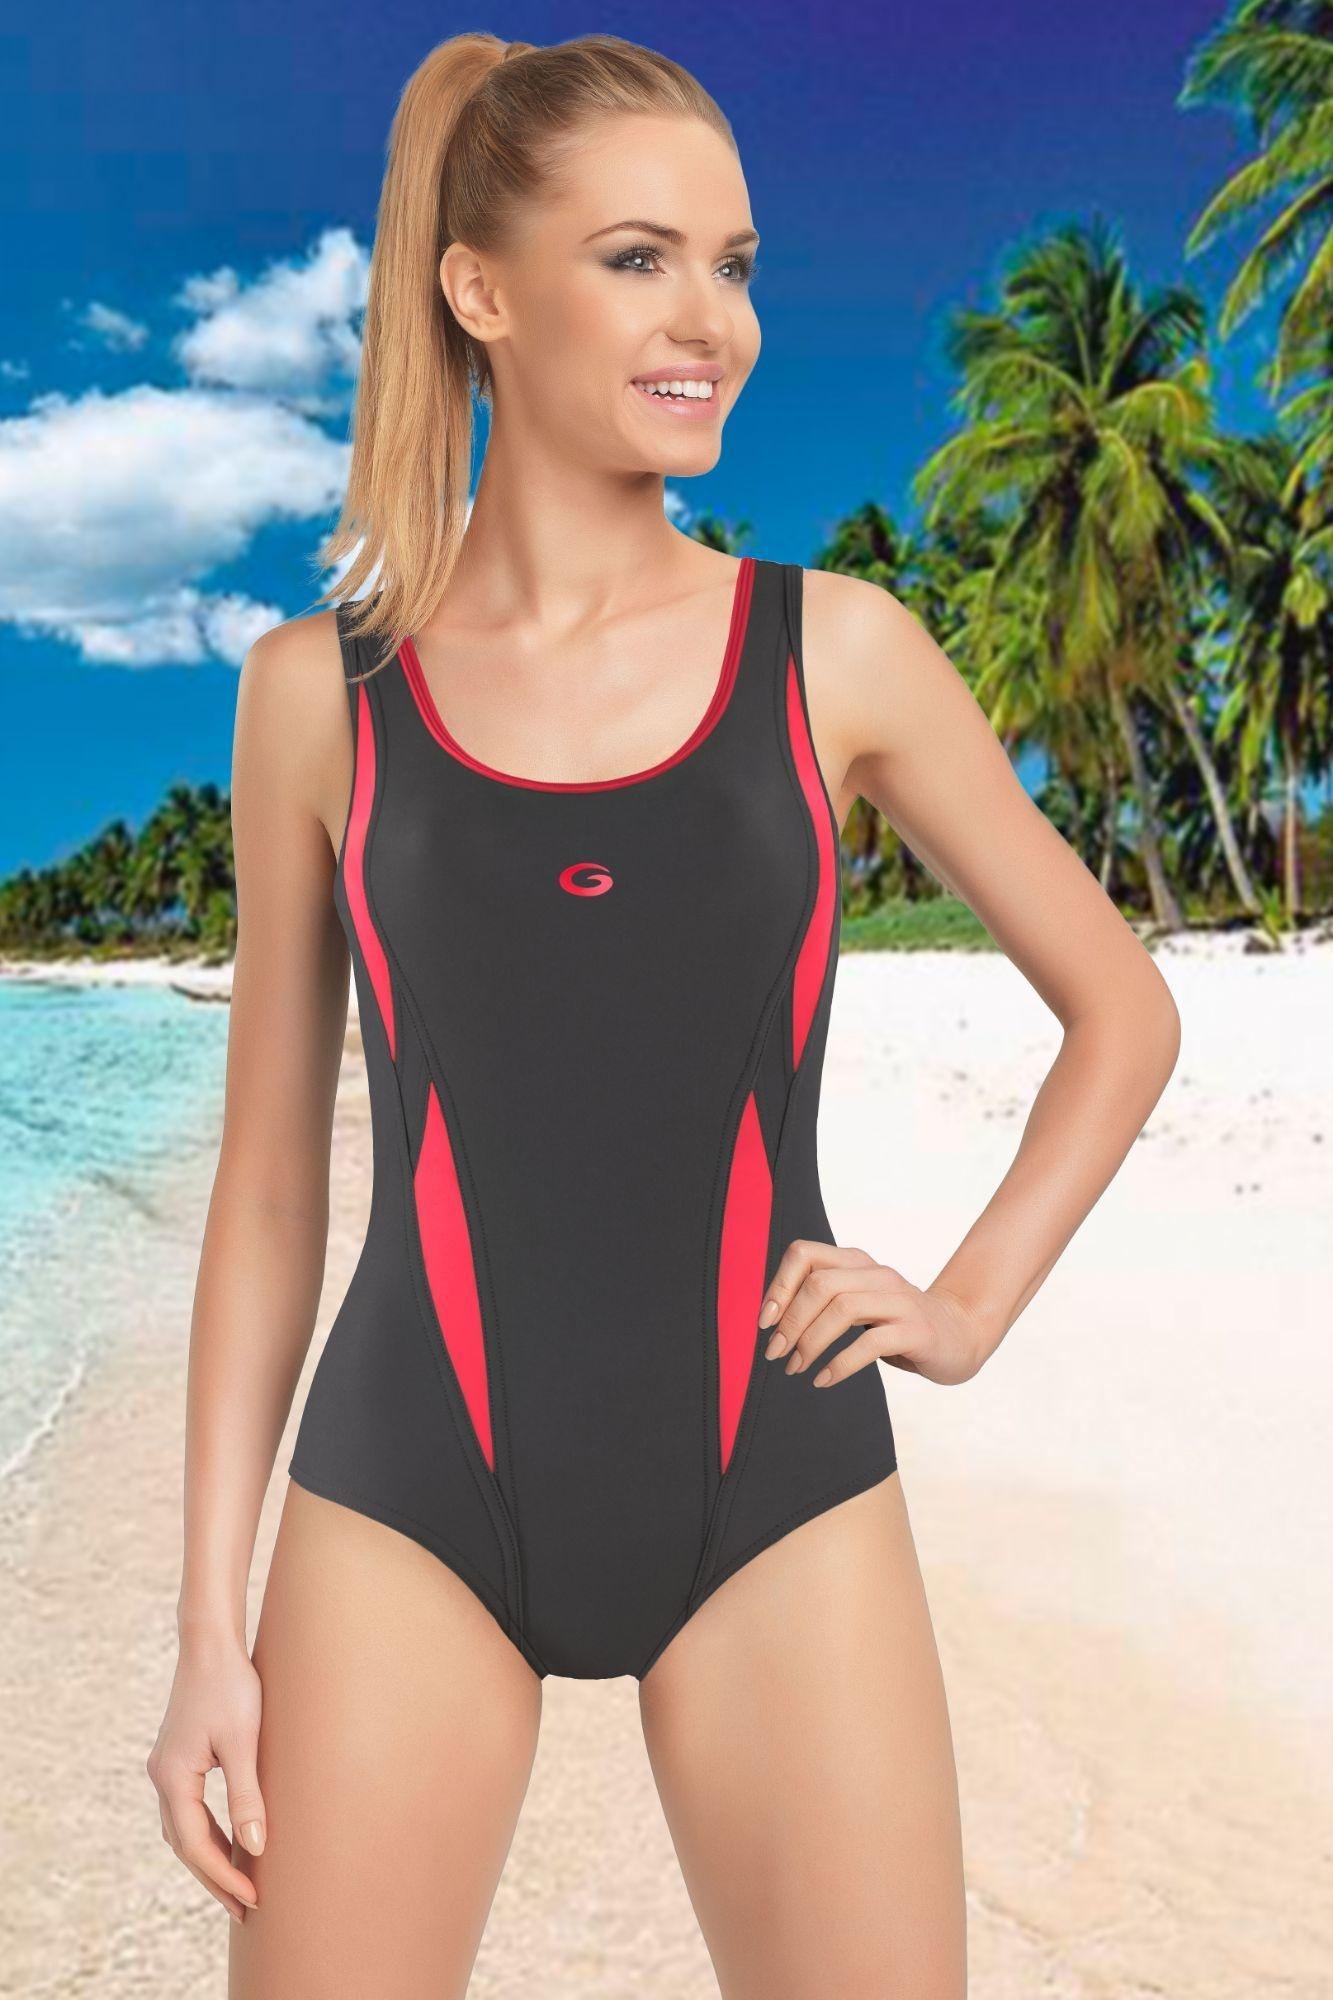 Jednodílné sportovní plavky Aqua I - ELEGANT.cz 3d2b5f63fc